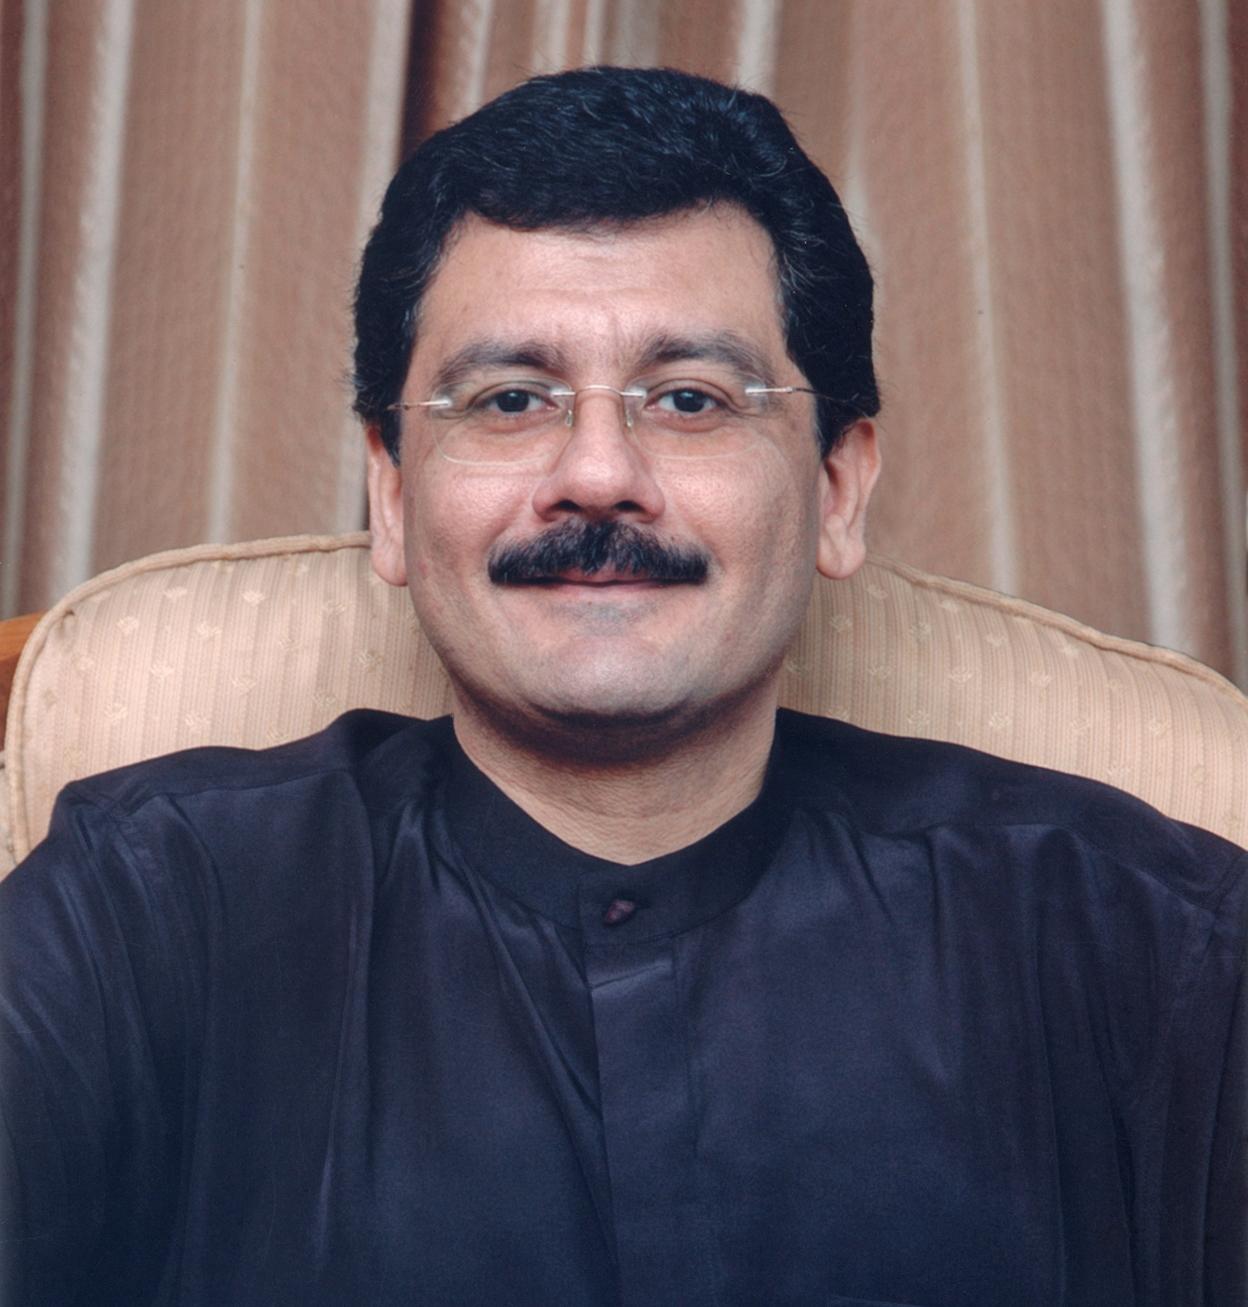 Ajit Kumar Dass